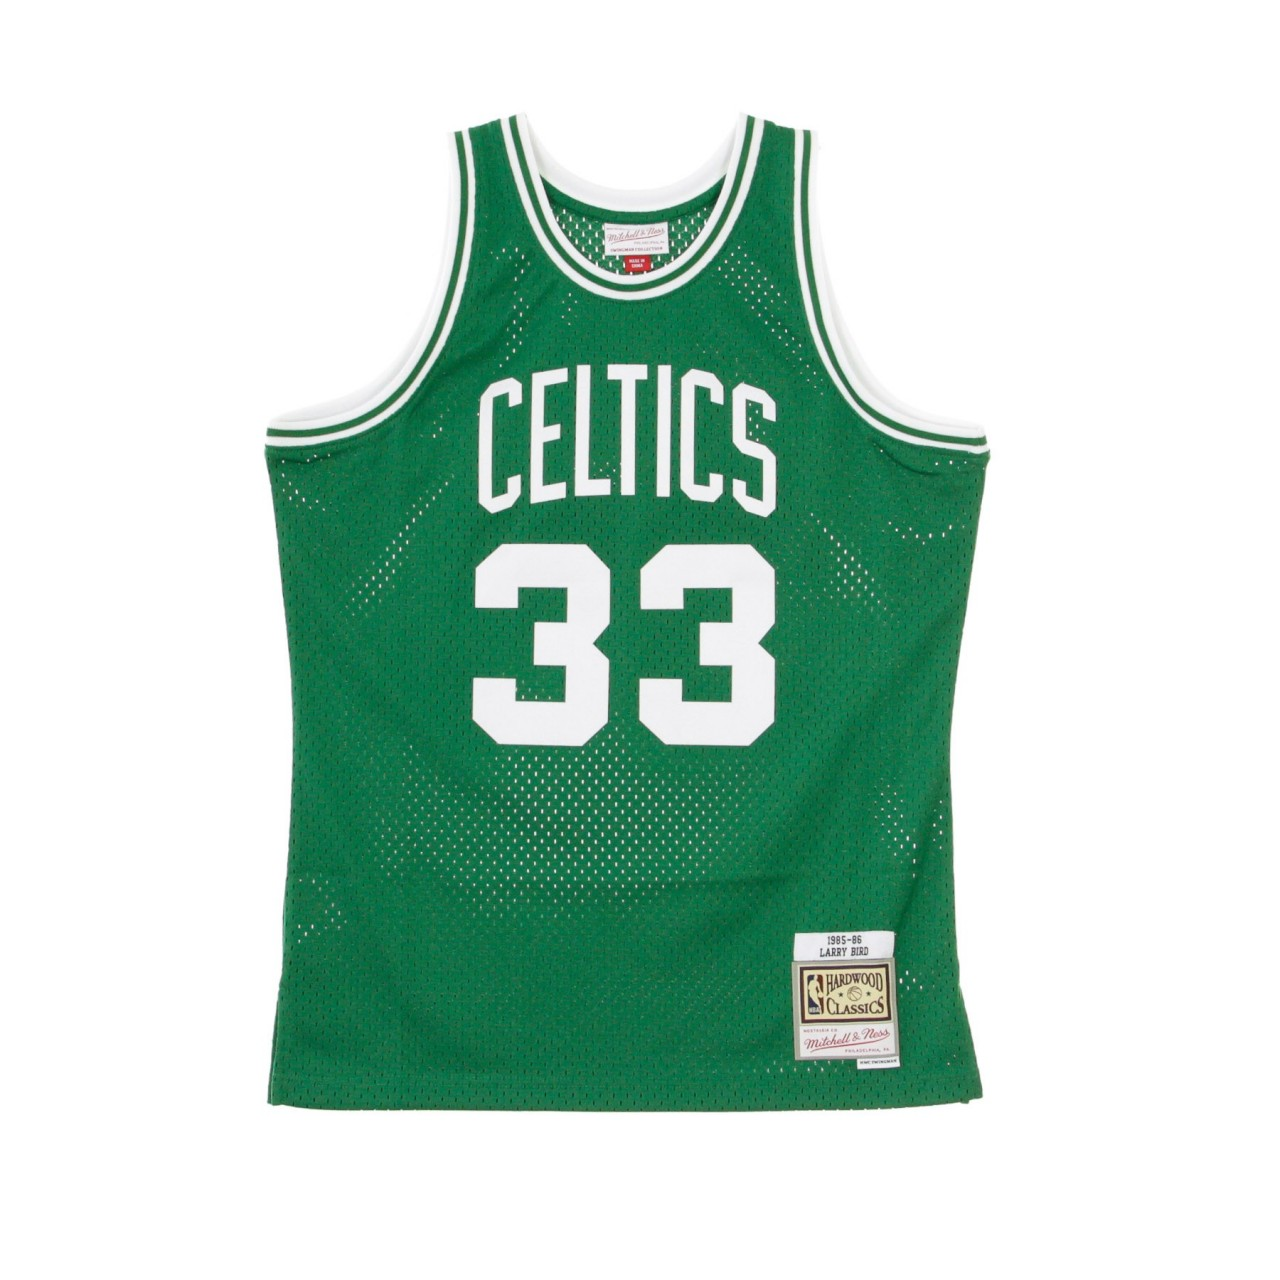 MITCHELL & NESS NBA SWINGMAN JERSEY LARRY BIRD NO.33 1985-86 BOSCEL ROAD SMJYGS18142-BCEKYGN85LBI